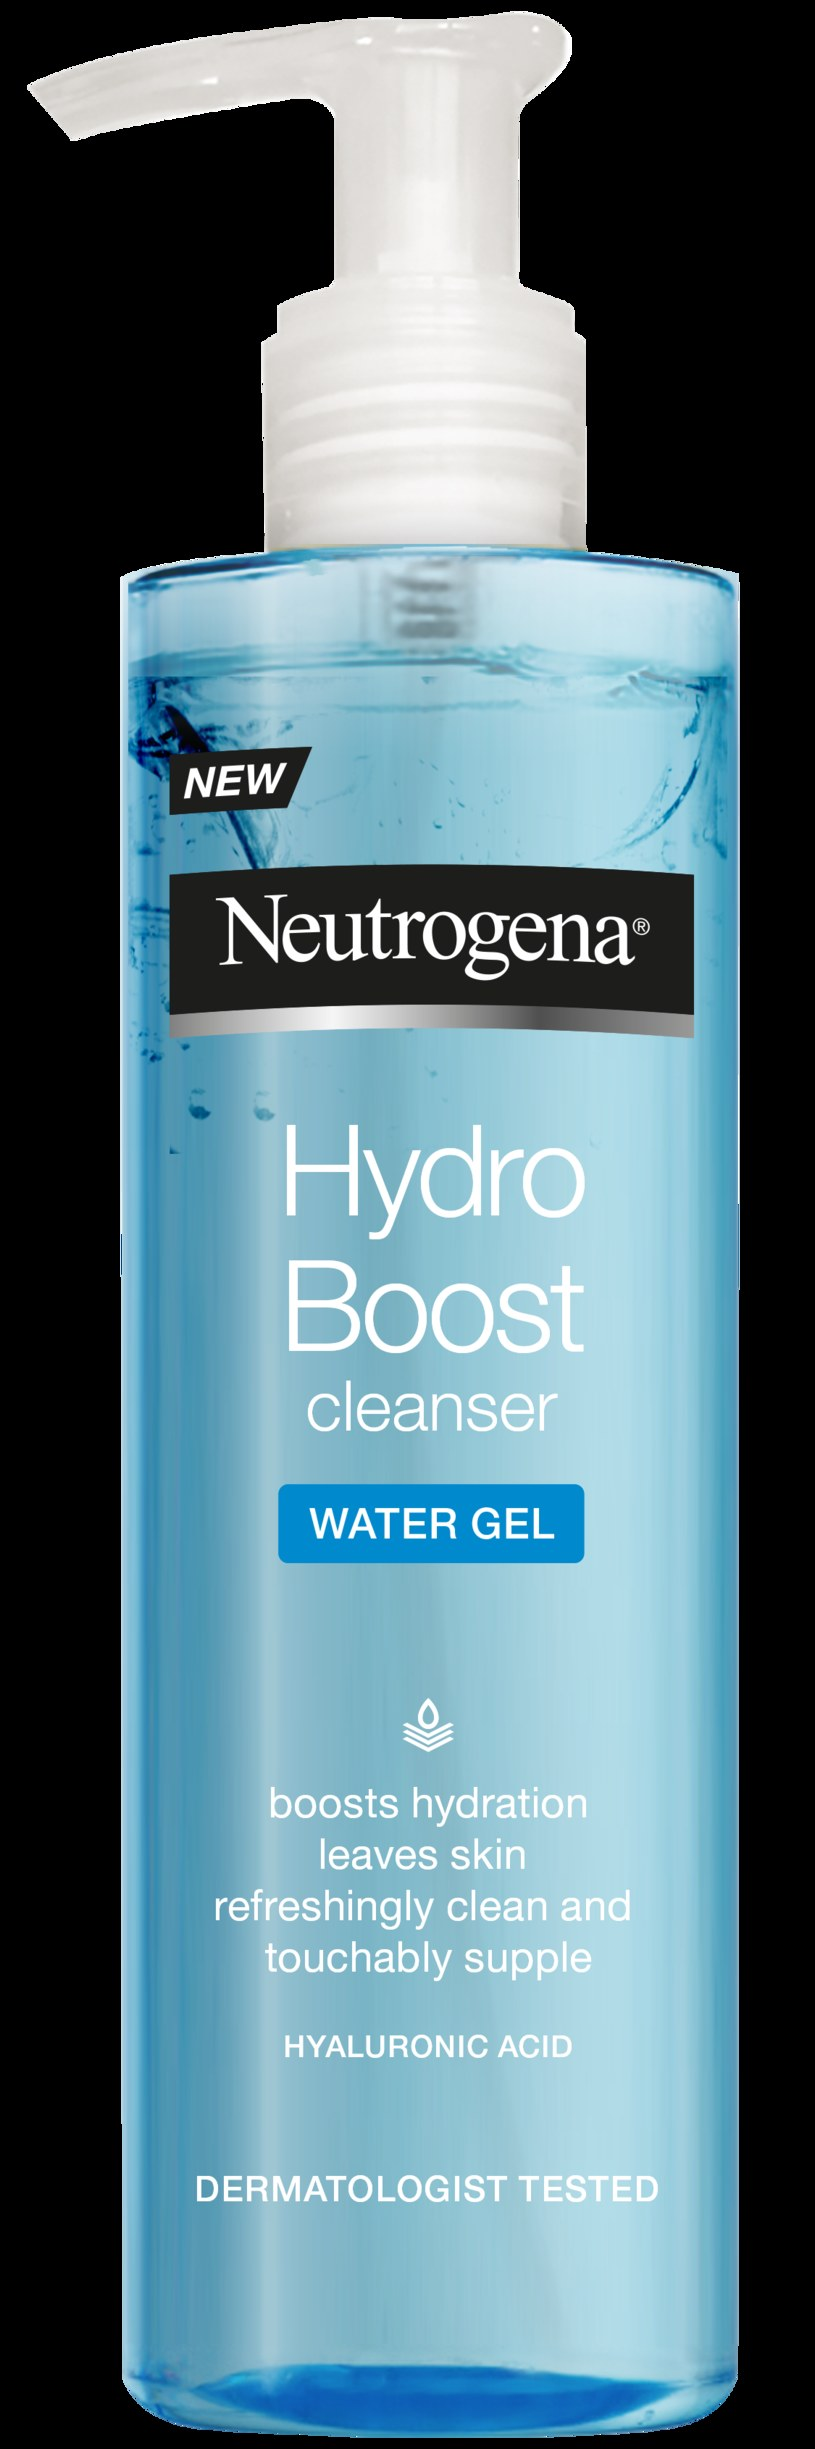 Żel do mycia twarzy Neutrogena /INTERIA.PL/materiały prasowe